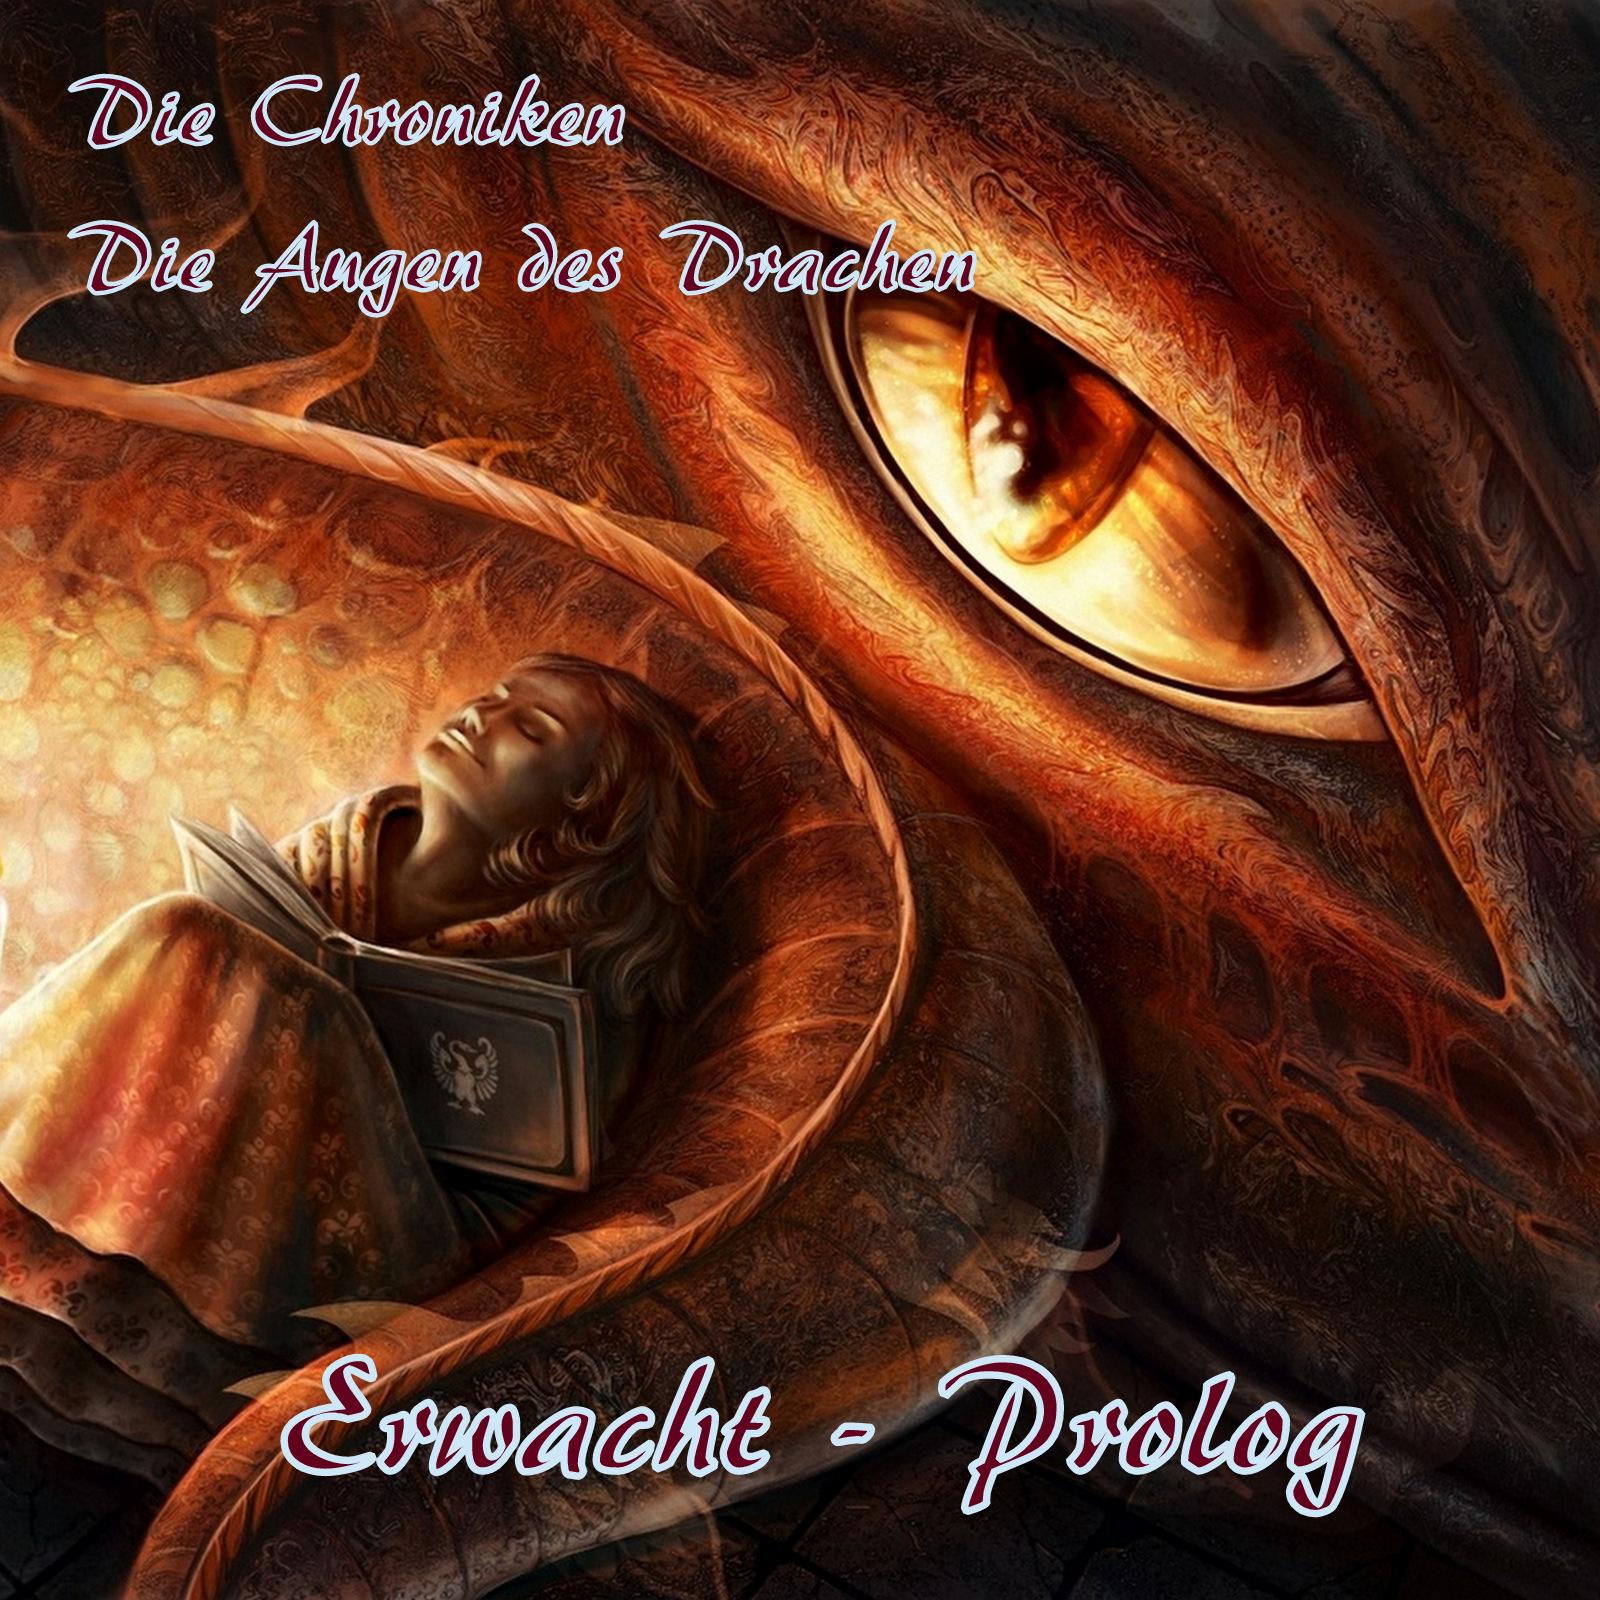 Die Augen des Drachen 01 - Erwacht - Prolog